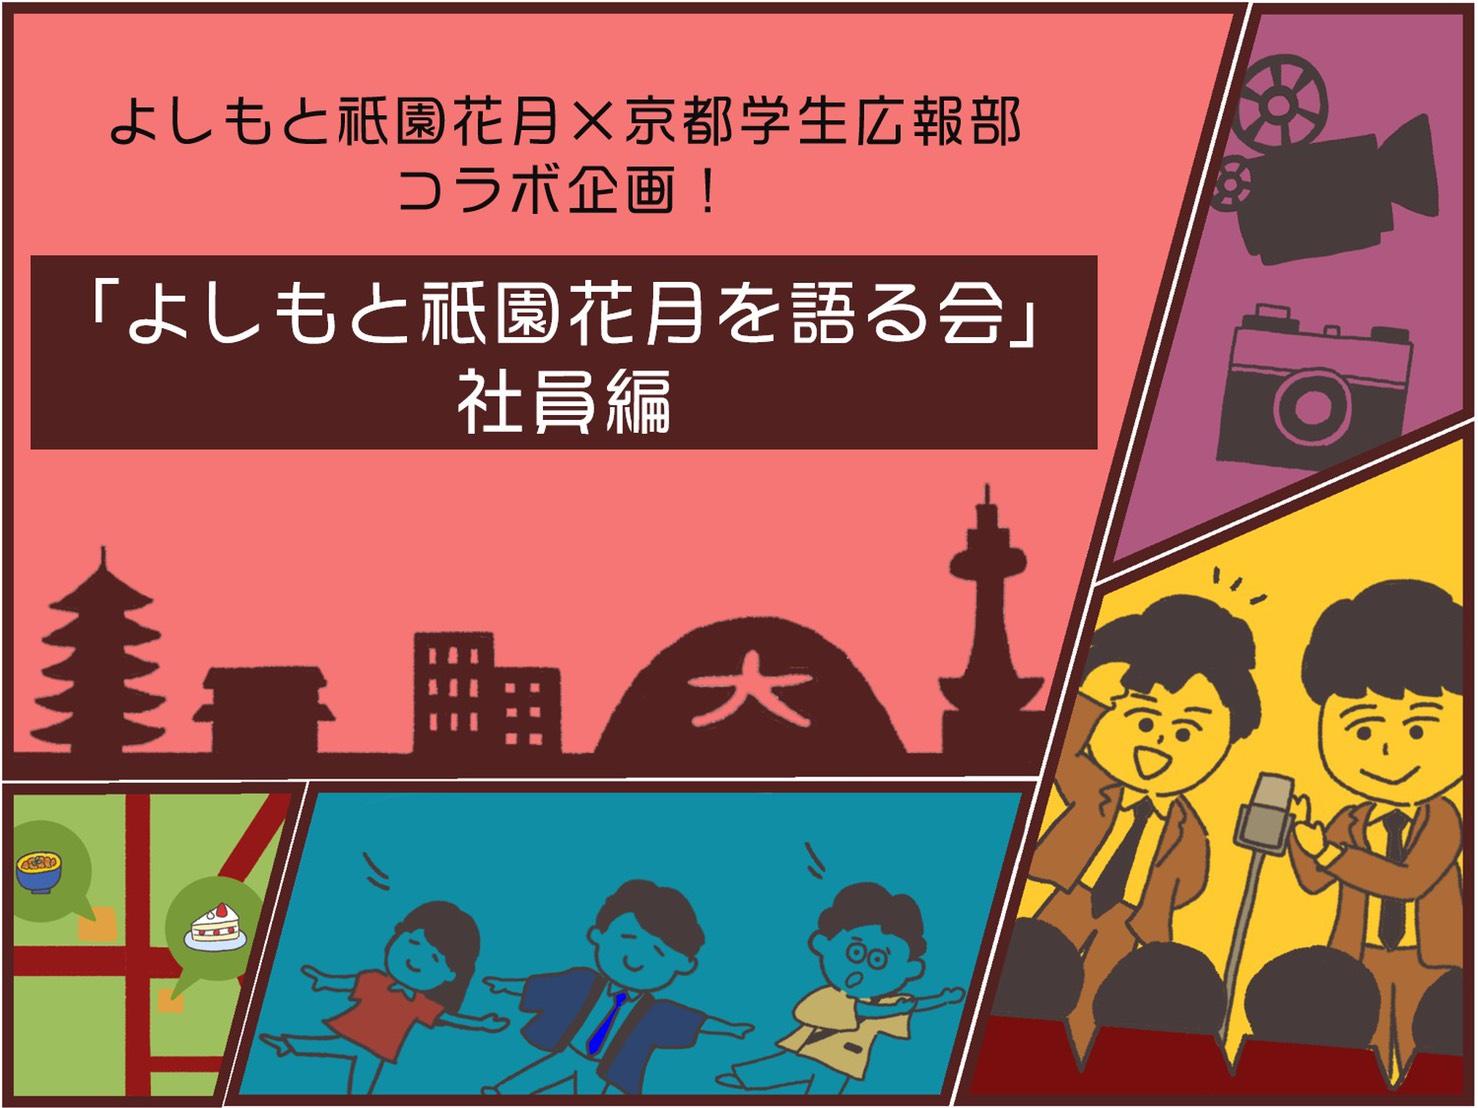 よしもと祇園花月を語る会第2弾!!~木村支配人&制作企画担当の萩原さん~